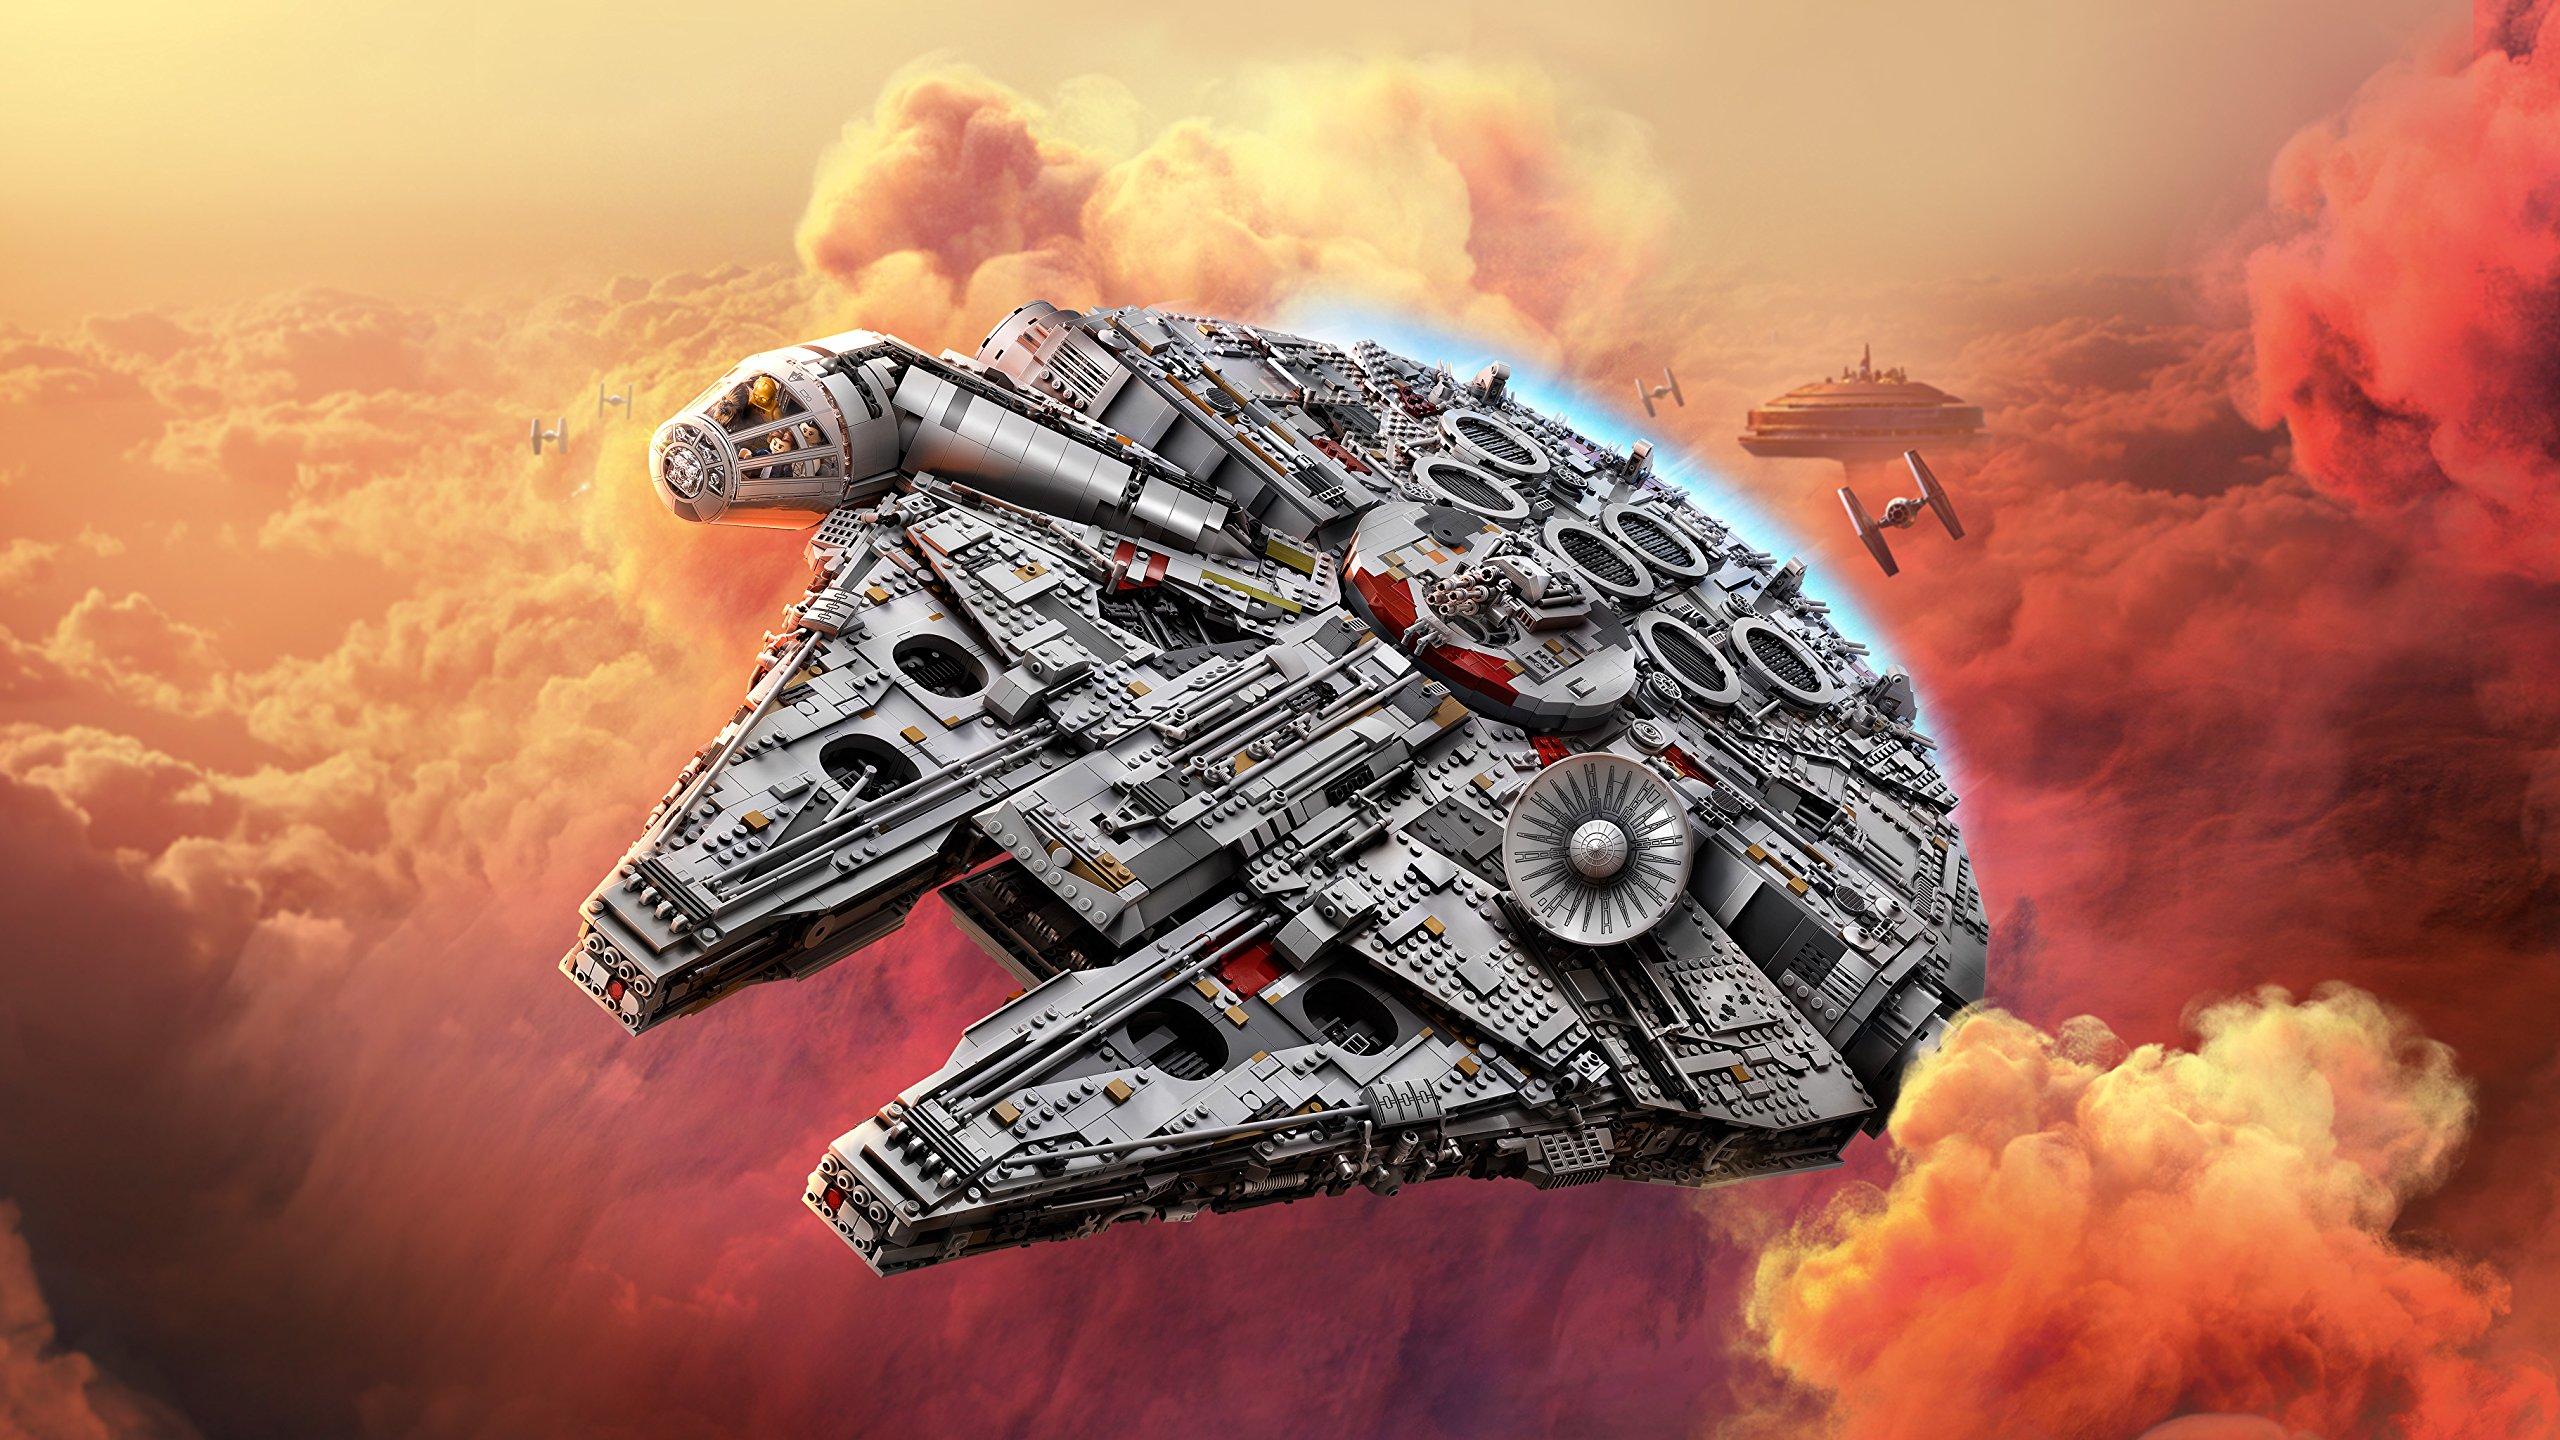 LEGO Millennium Falcon Costruzioni Piccole Gioco Bambina Giocattolo 140, Multicolore, 5702015869935 2 spesavip